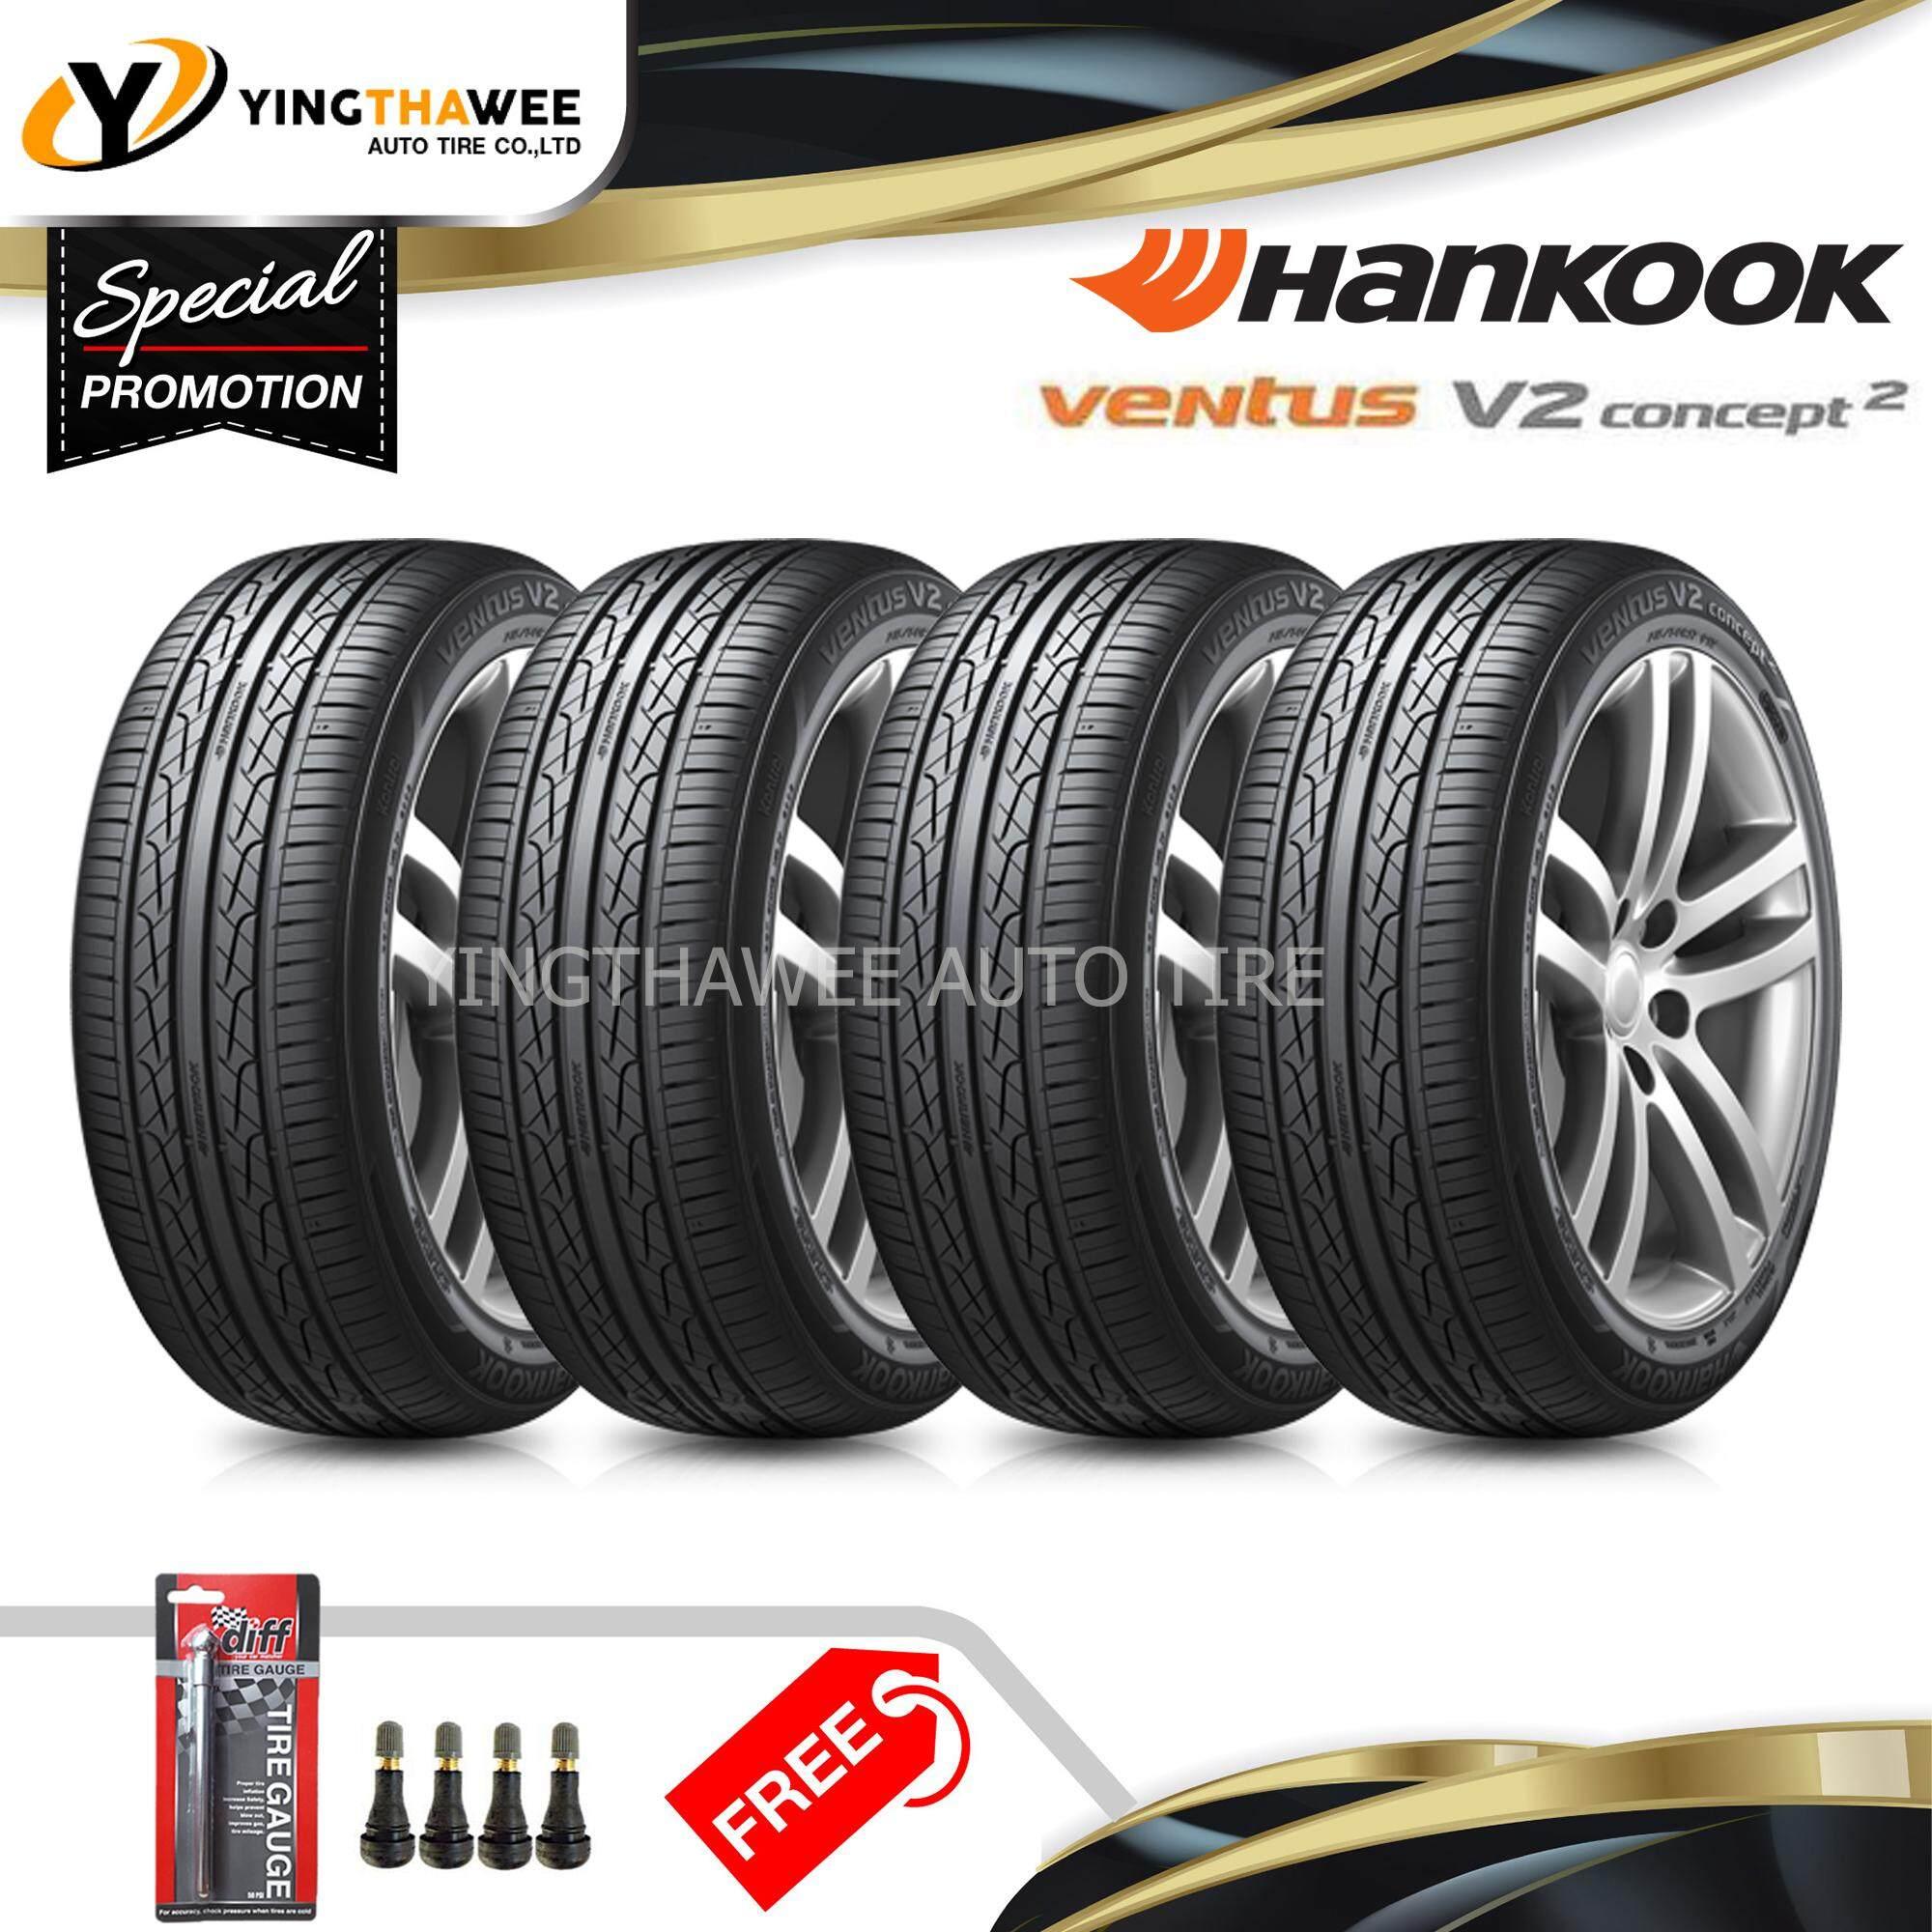 ประกันภัย รถยนต์ ชั้น 3 ราคา ถูก ร้อยเอ็ด HANKOOK ยางรถยนต์ 185/55R16 รุ่น V2  4 เส้น (แถมจุ๊บยางหัวทองเหลือง 4 ตัว + เกจวัดลมยาง 1 ตัว)